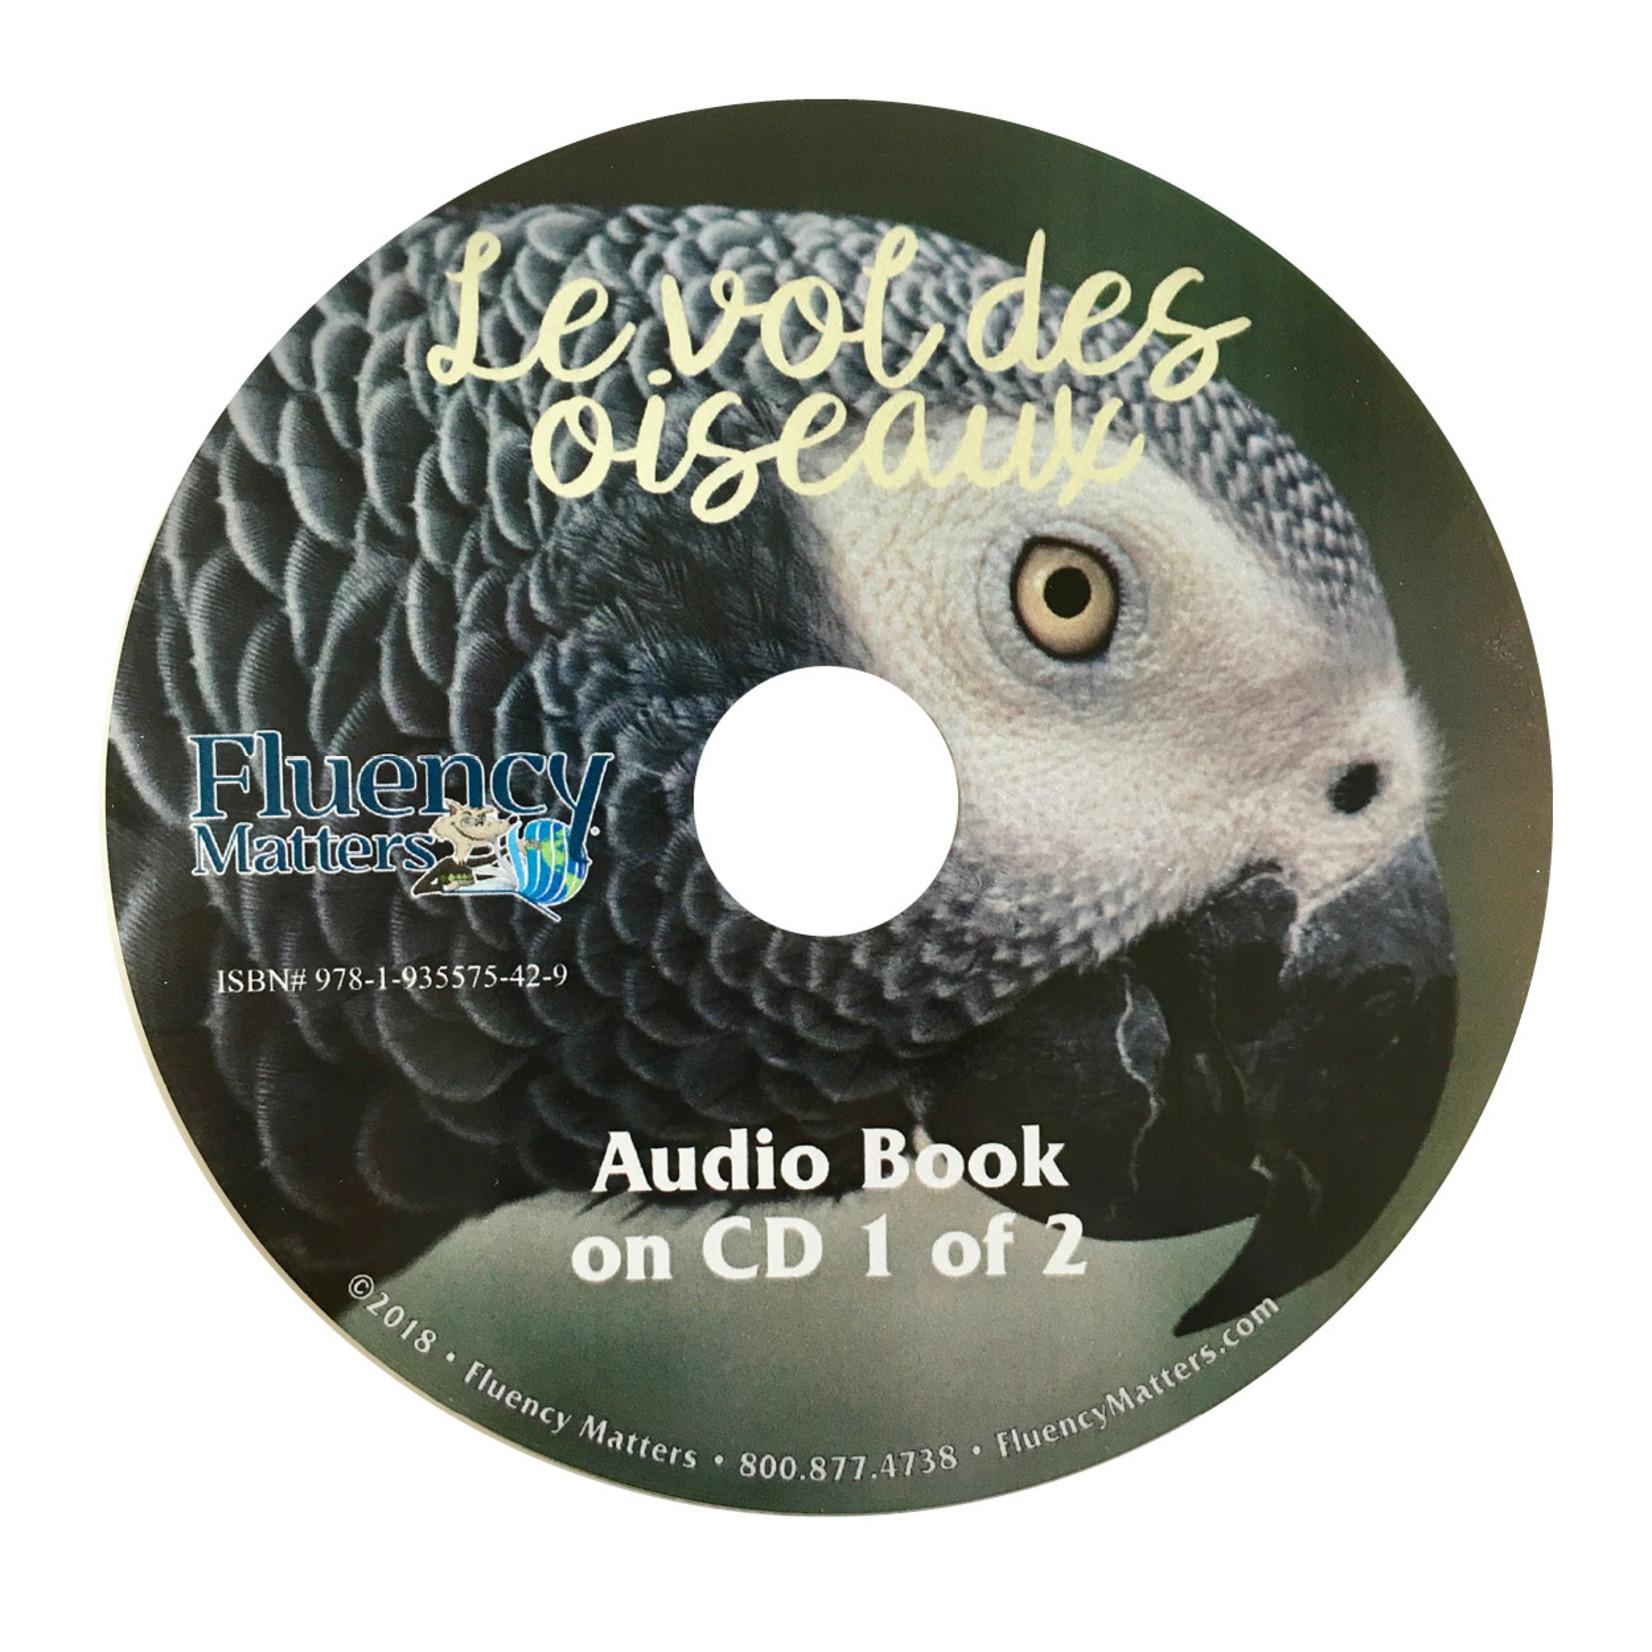 Fluency Matters Le vol des oiseaux - Luisterboek